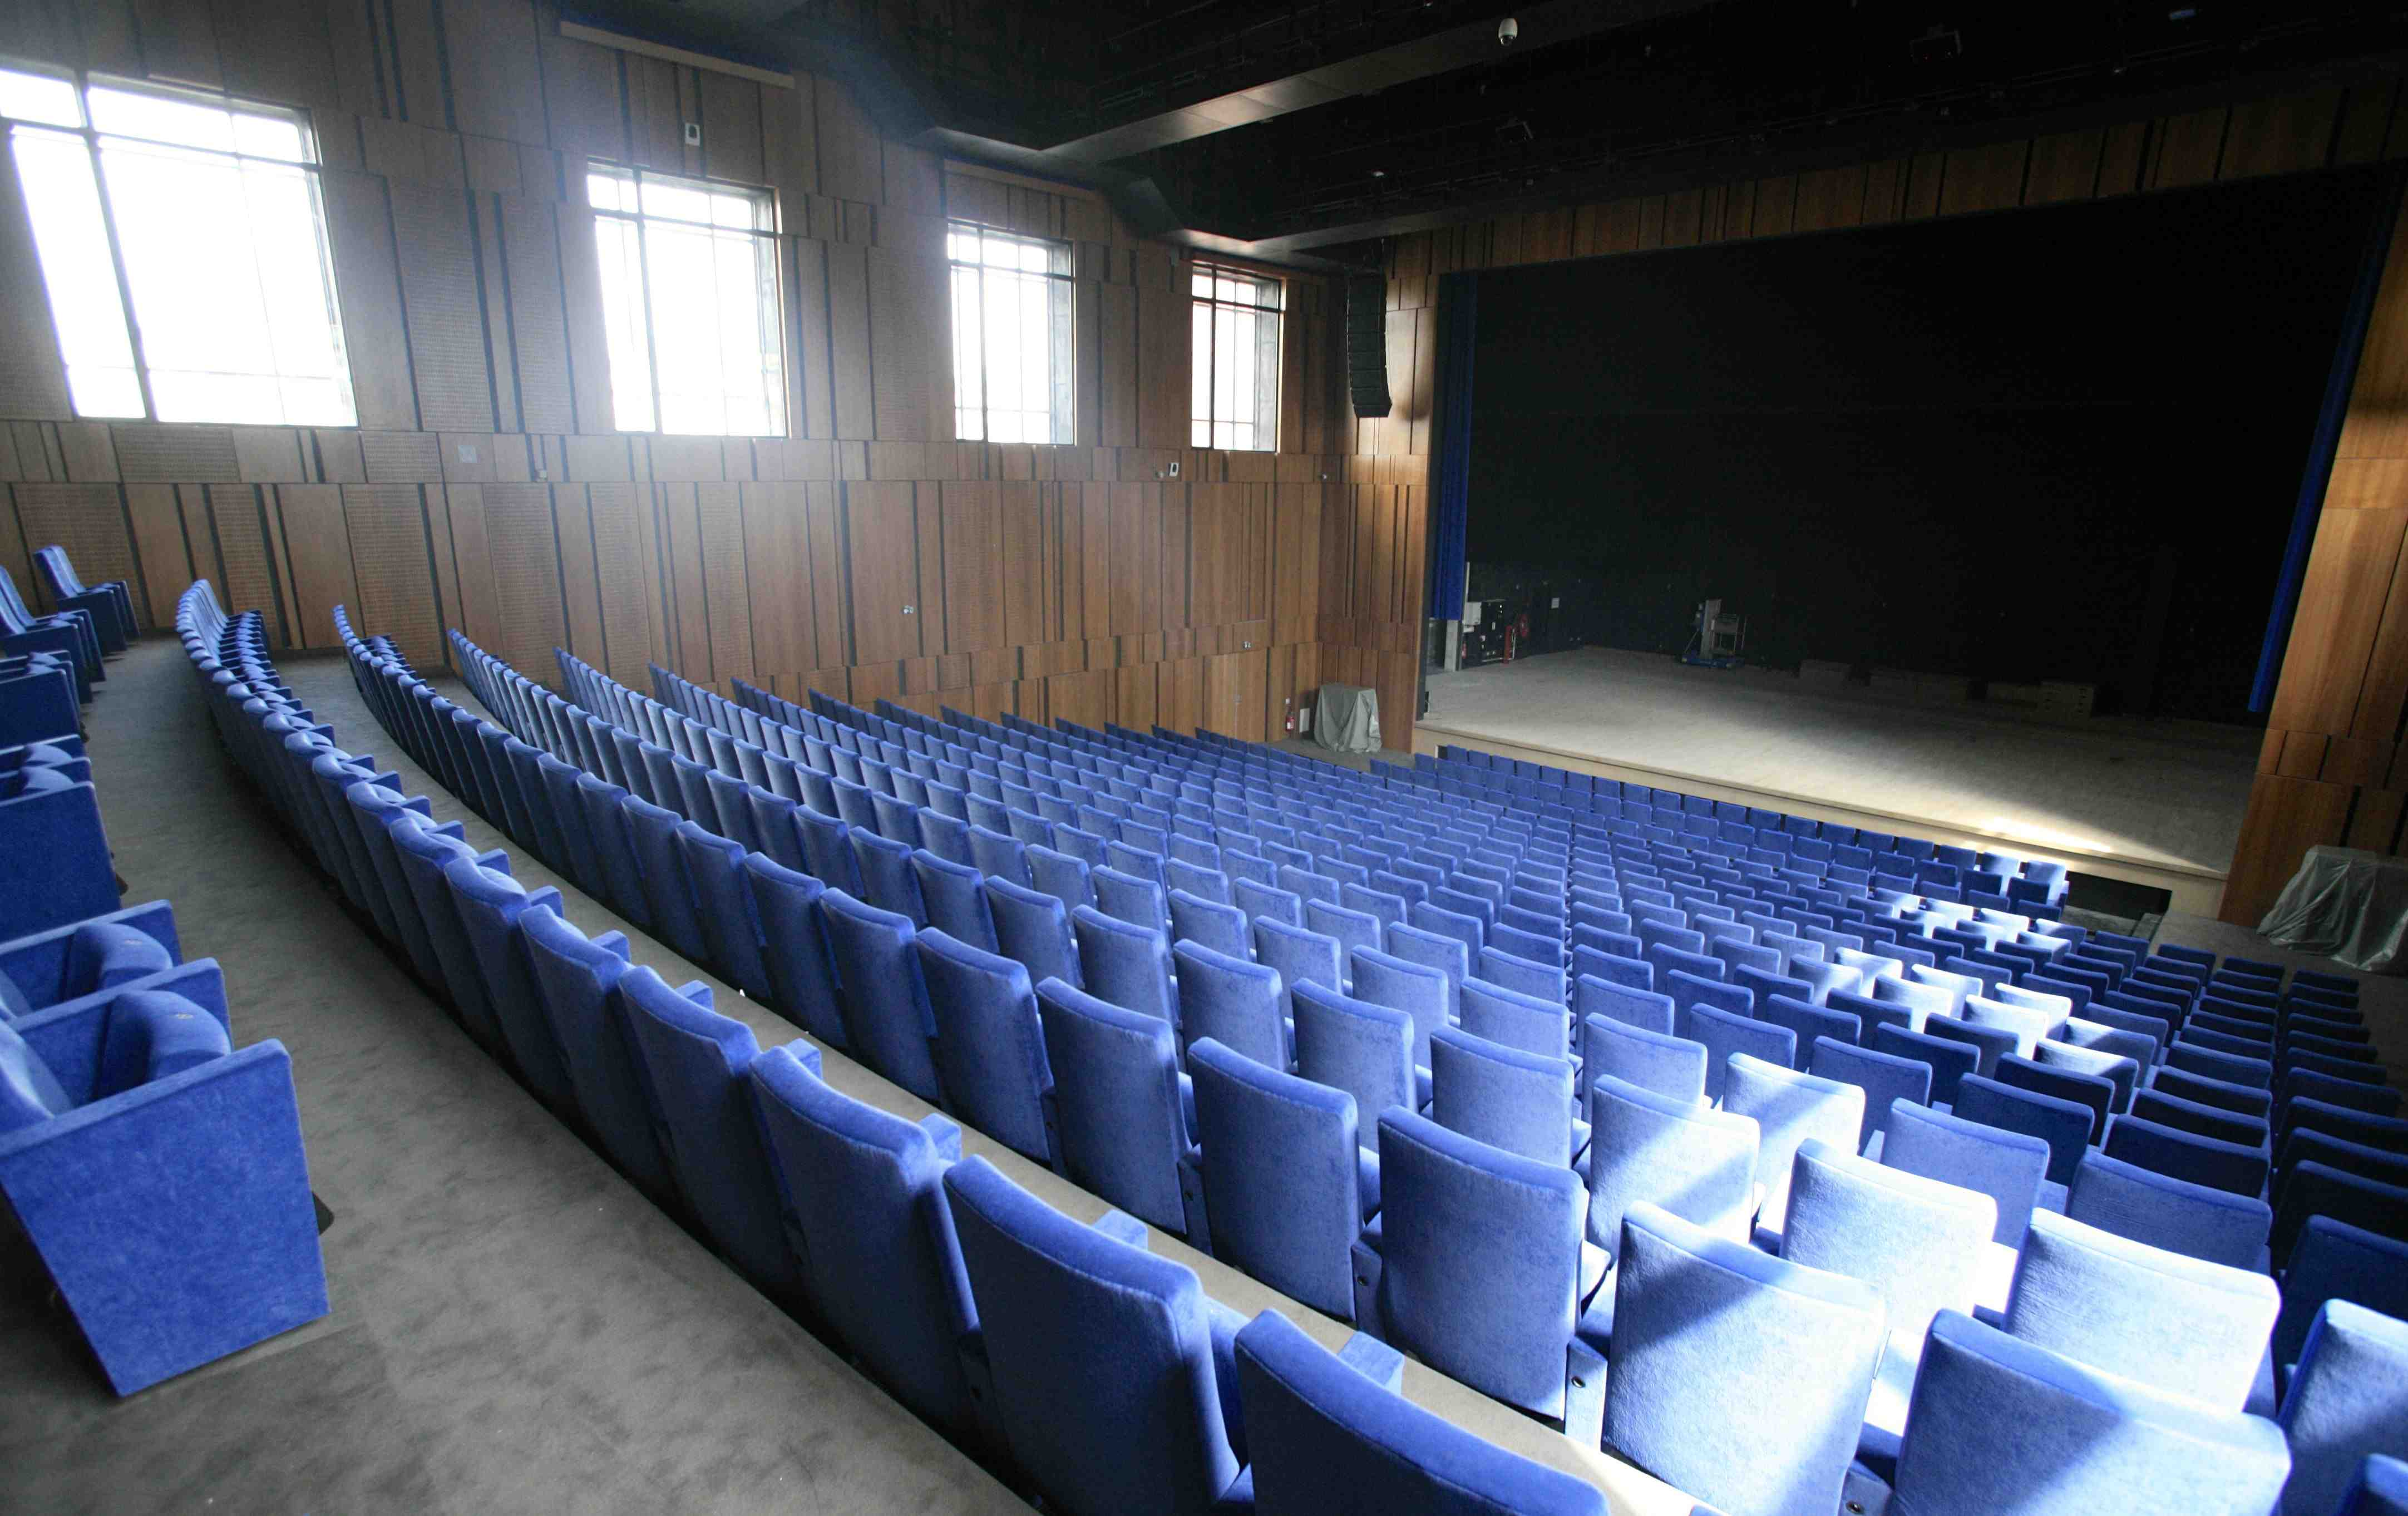 Gala verdi orchestre de chambre nouvelle europe for Chamber l orchestre de chambre noir